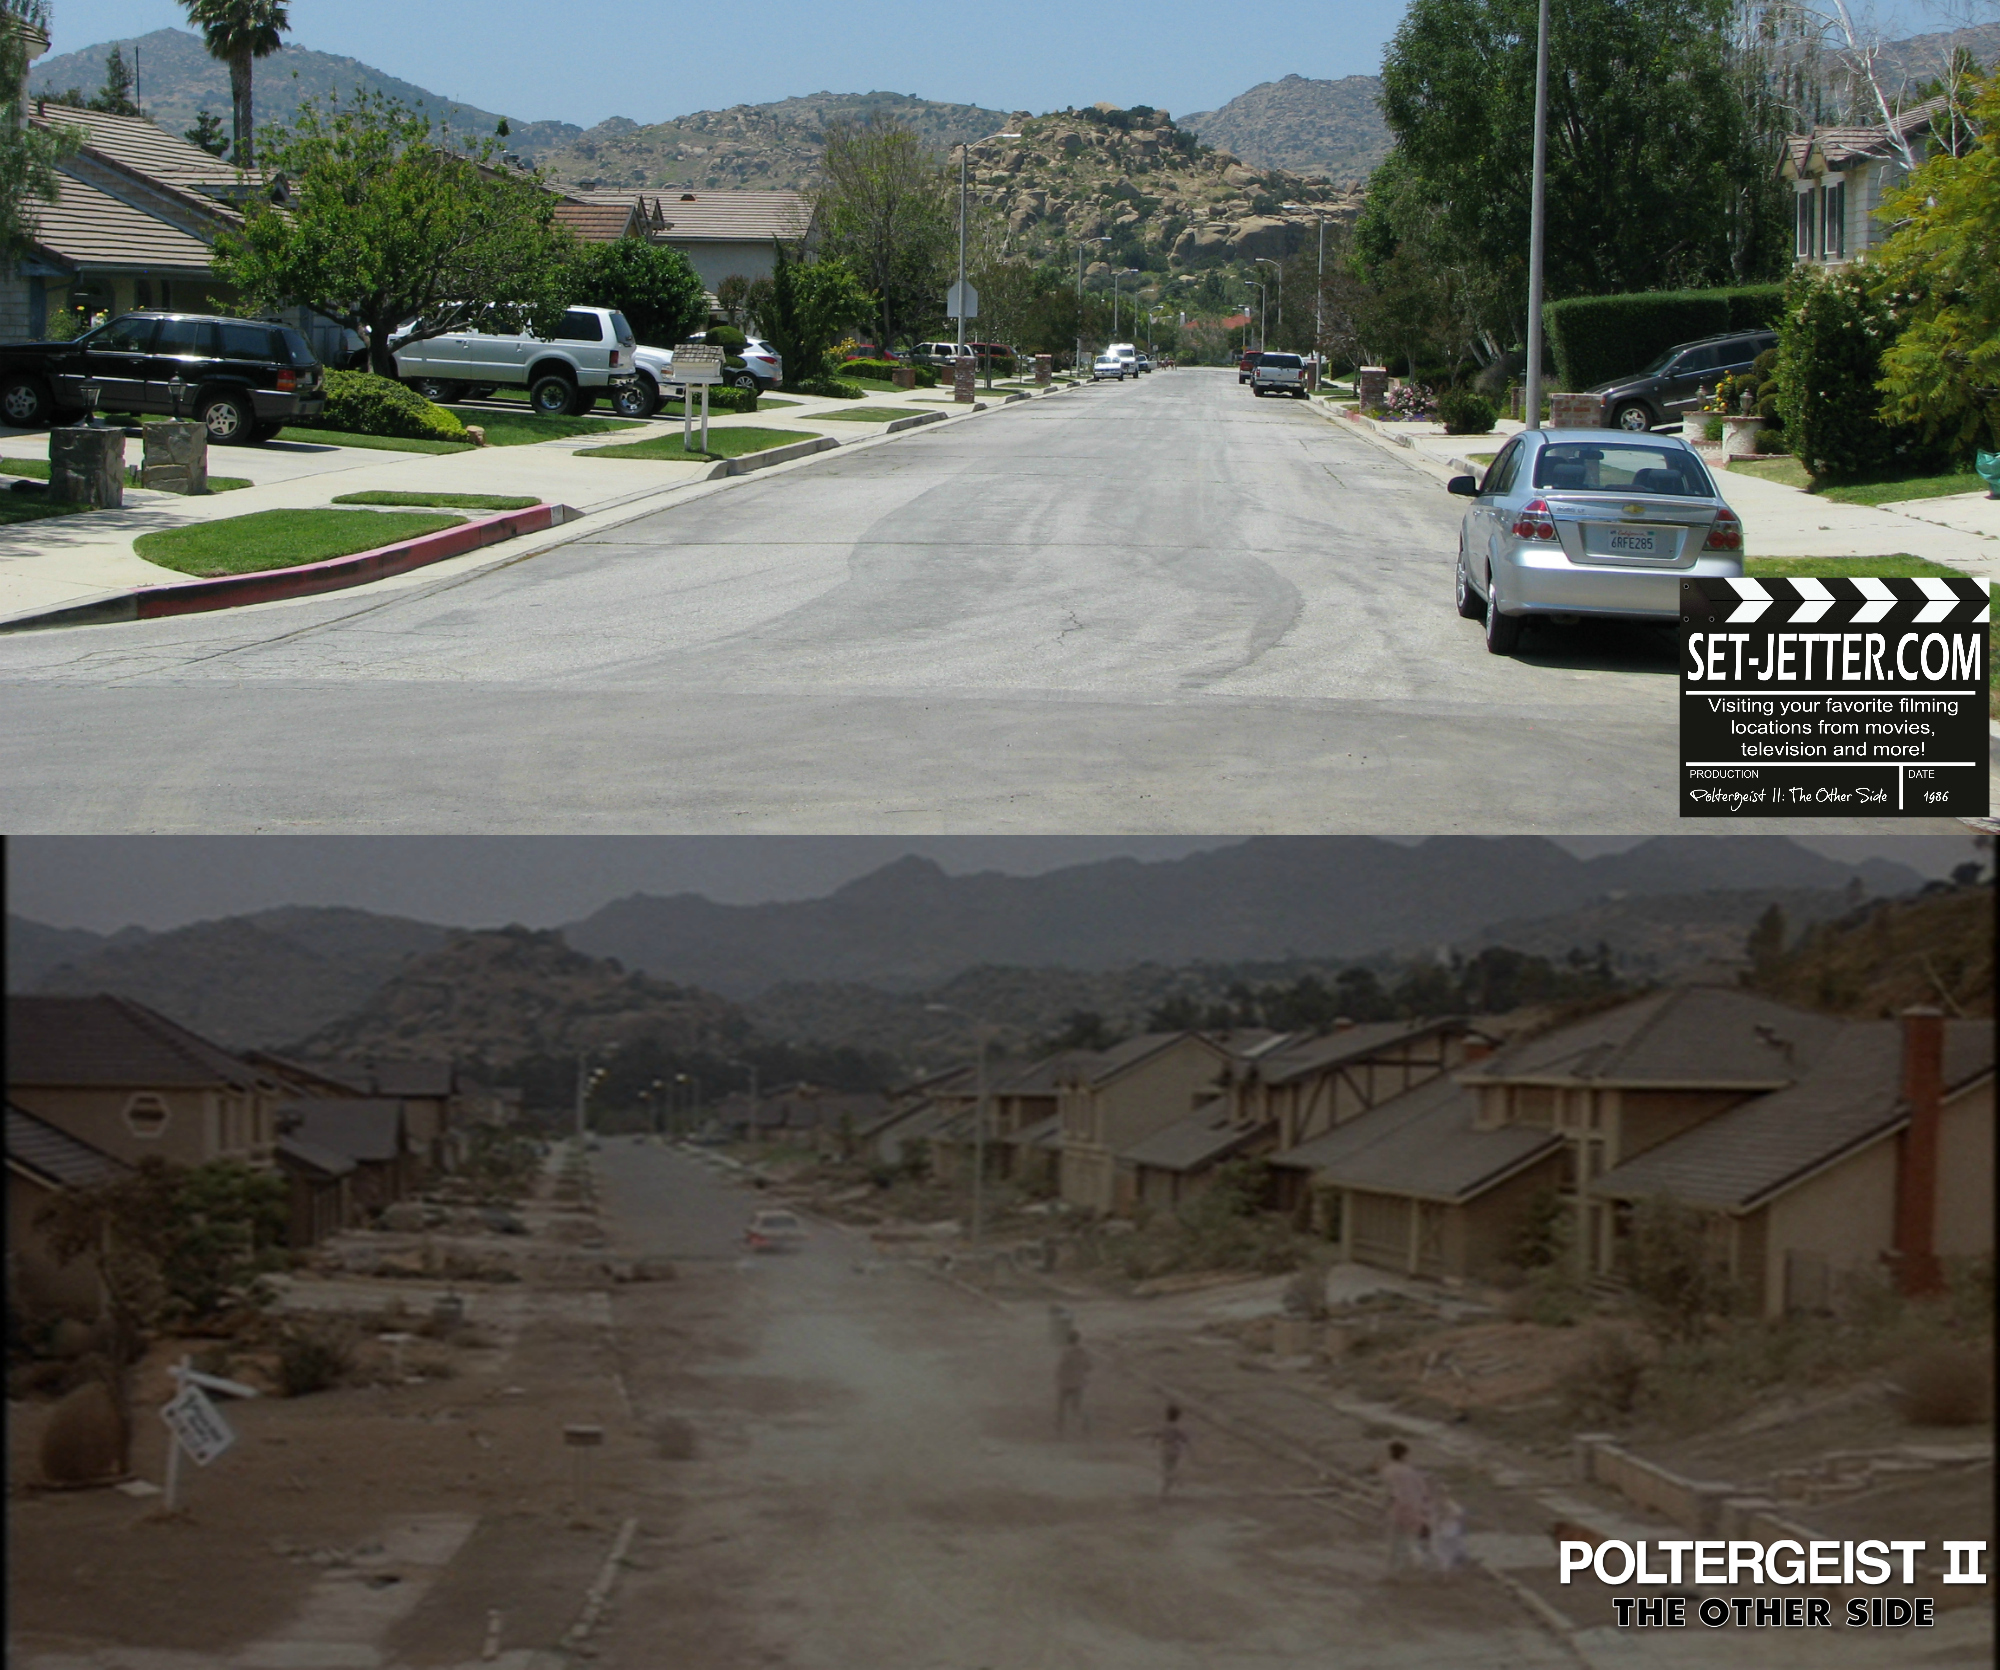 Poltergeist II comparison 16.jpg